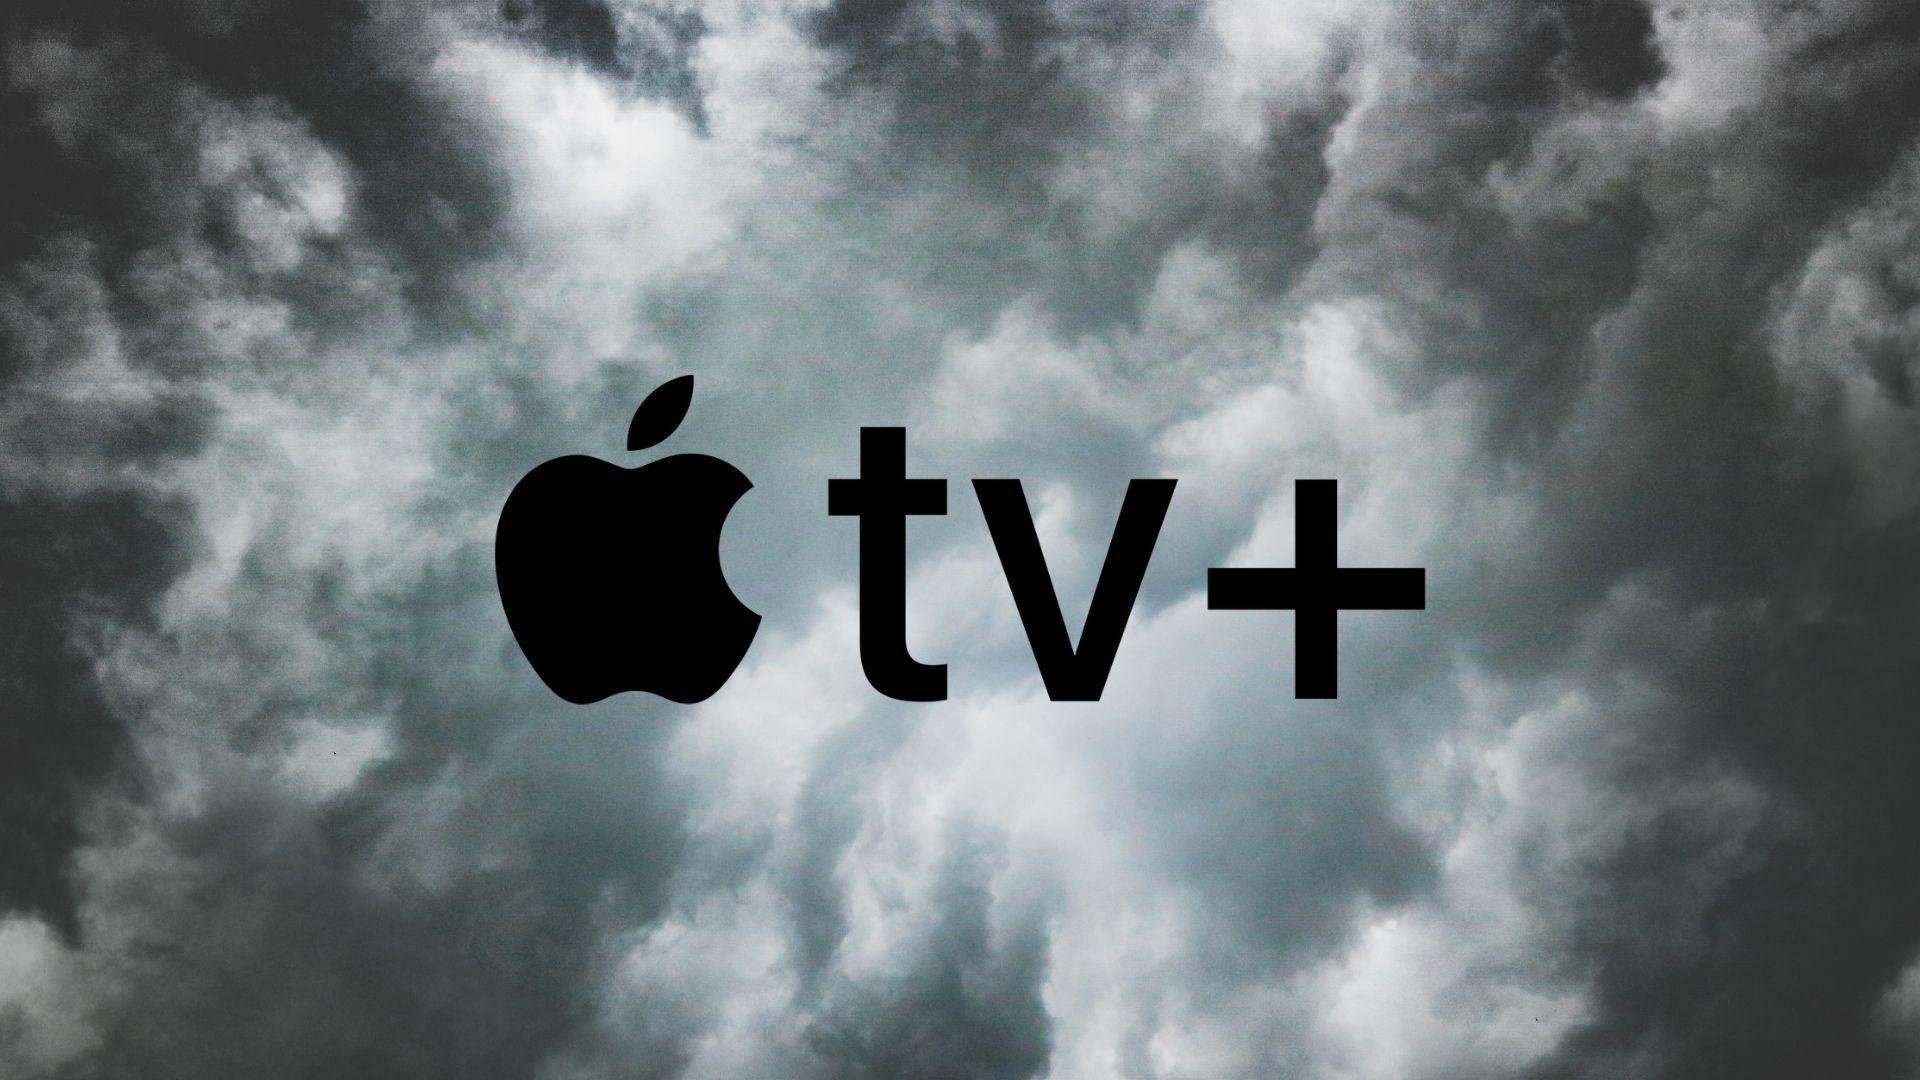 GIZMOTT new apple